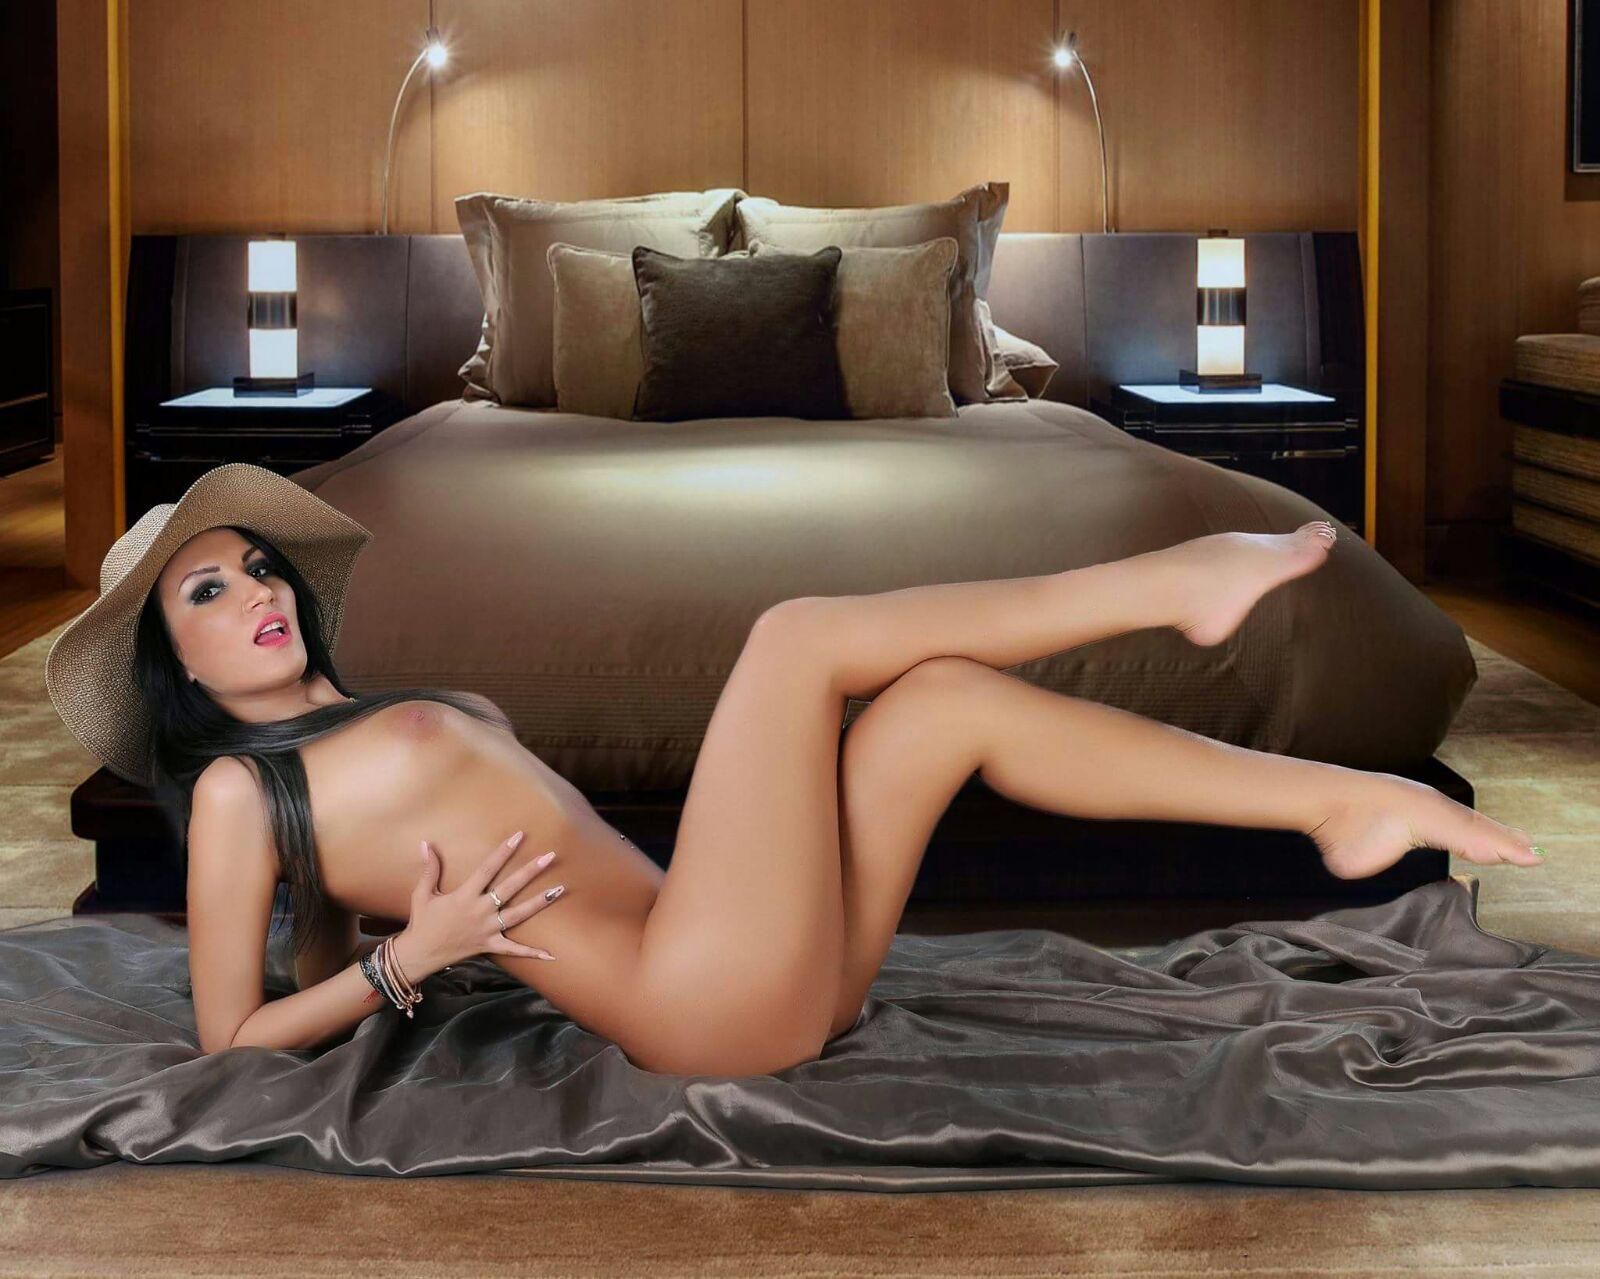 villa allgaeu kostenlose porno 18